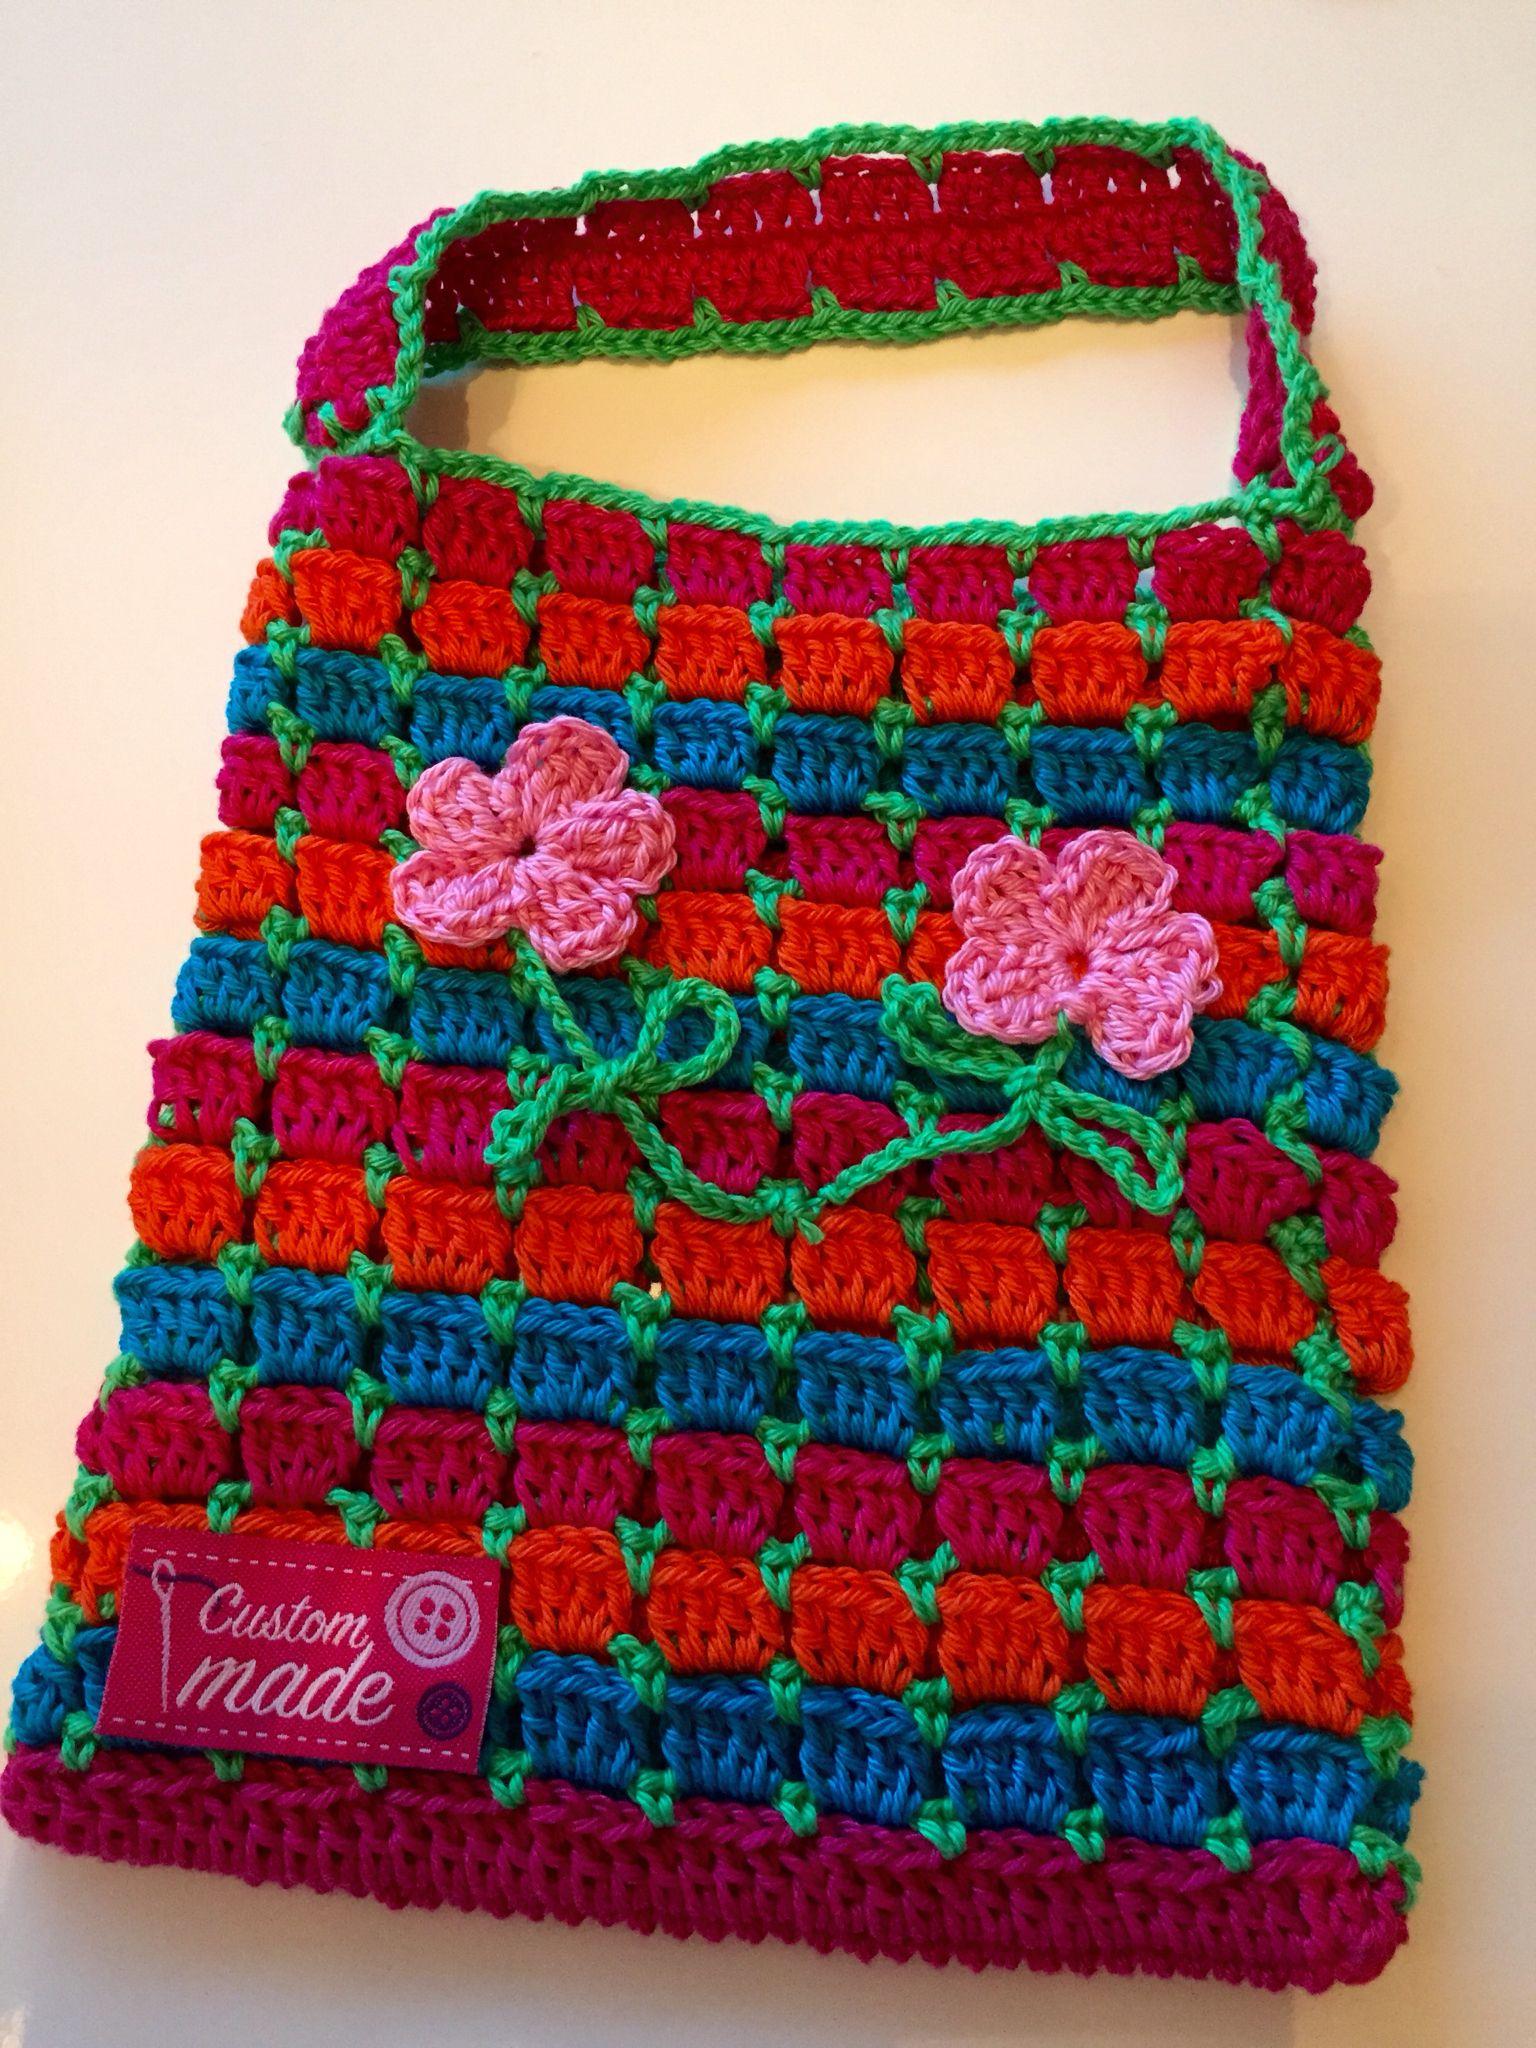 Superschattig Tasje Voor Lief Klein Buurmeisje Haken Crochet